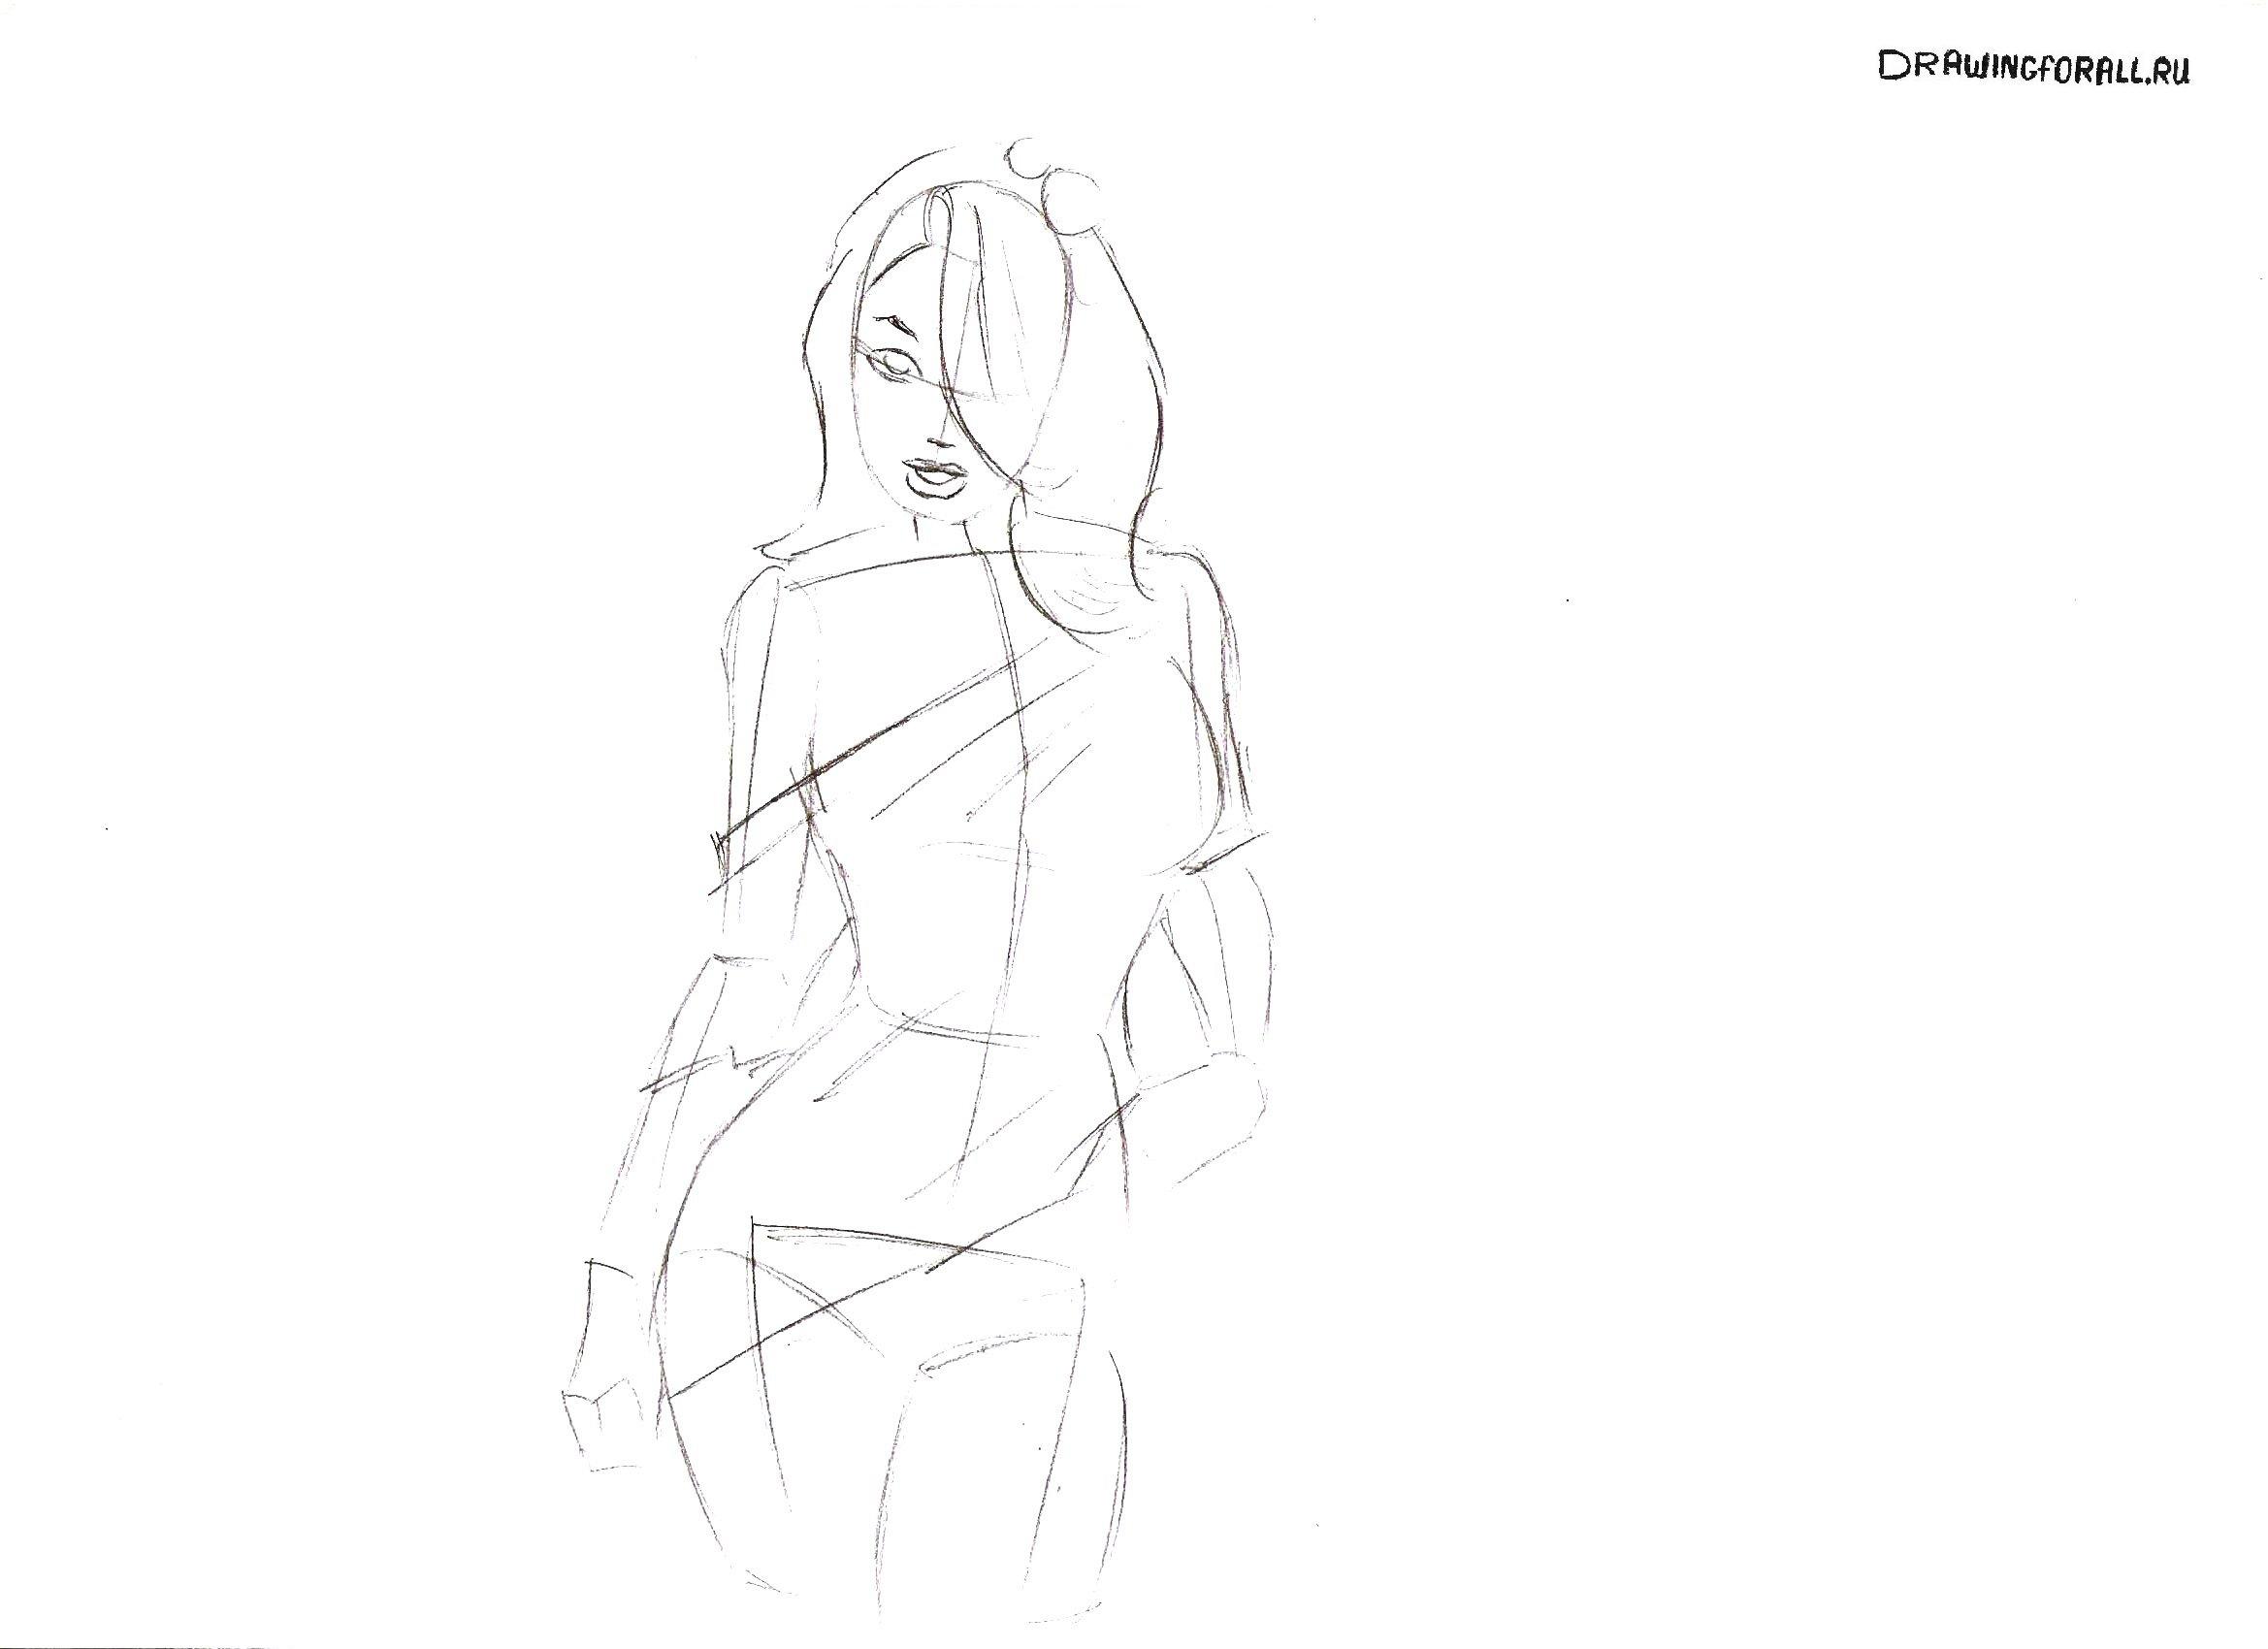 как нарисовать девушку карандашом поэтапно